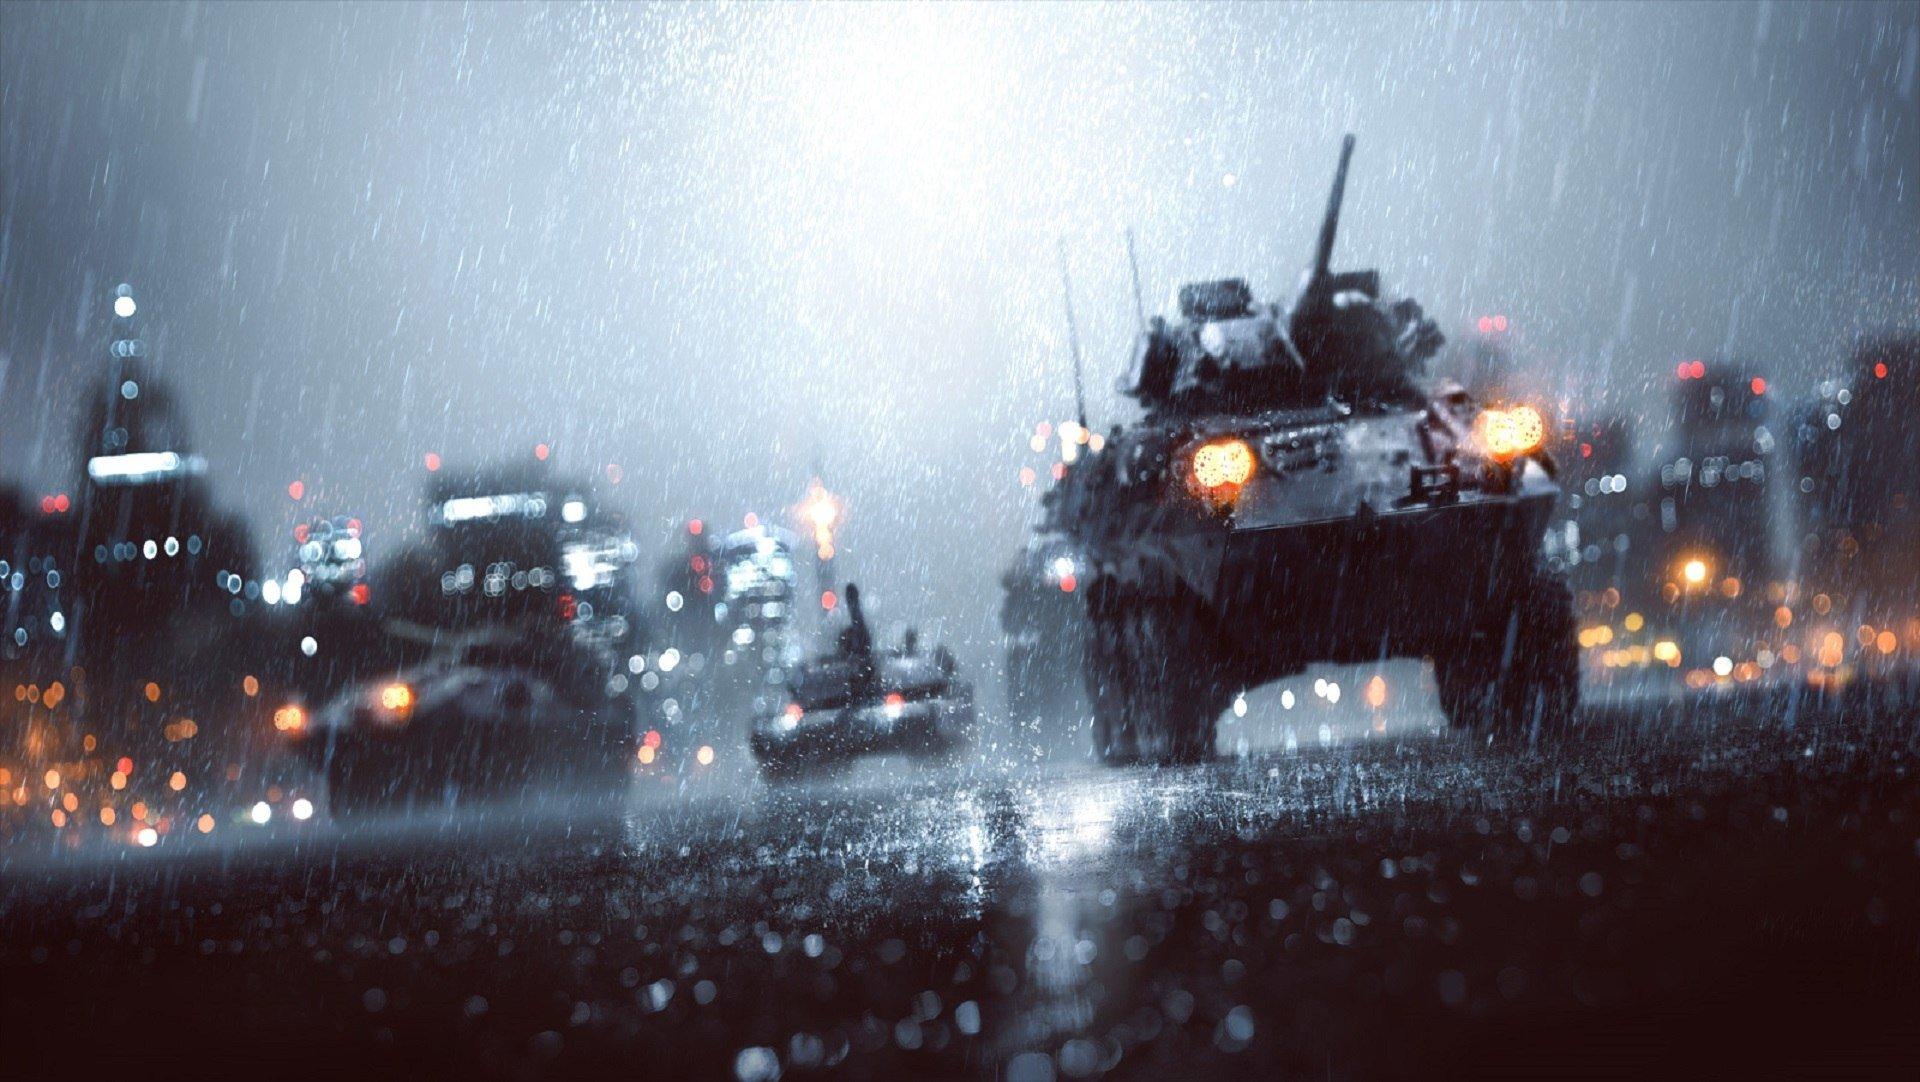 Заработал сайт Battlefield 4. Раздают жетончики.А картинка заняла заслуженное место на рабочем столе :)Если честно я ... - Изображение 1